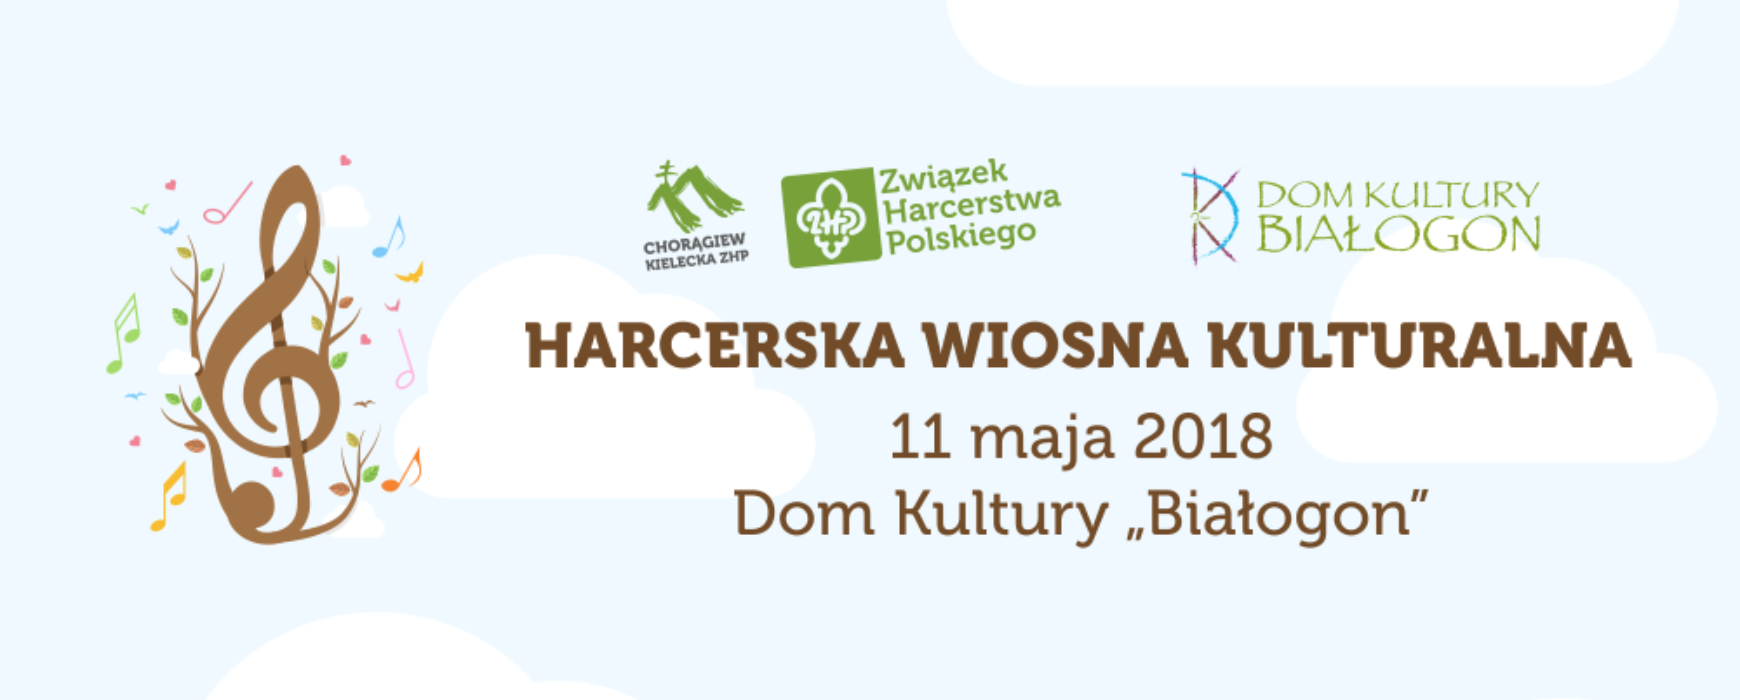 Harcerska Wiosna Kulturalna 2018 – wojewódzkie przeglądy zespołów wokalnych, wokalno-instrumentalnych, instrumentalnych oraz wokalistów